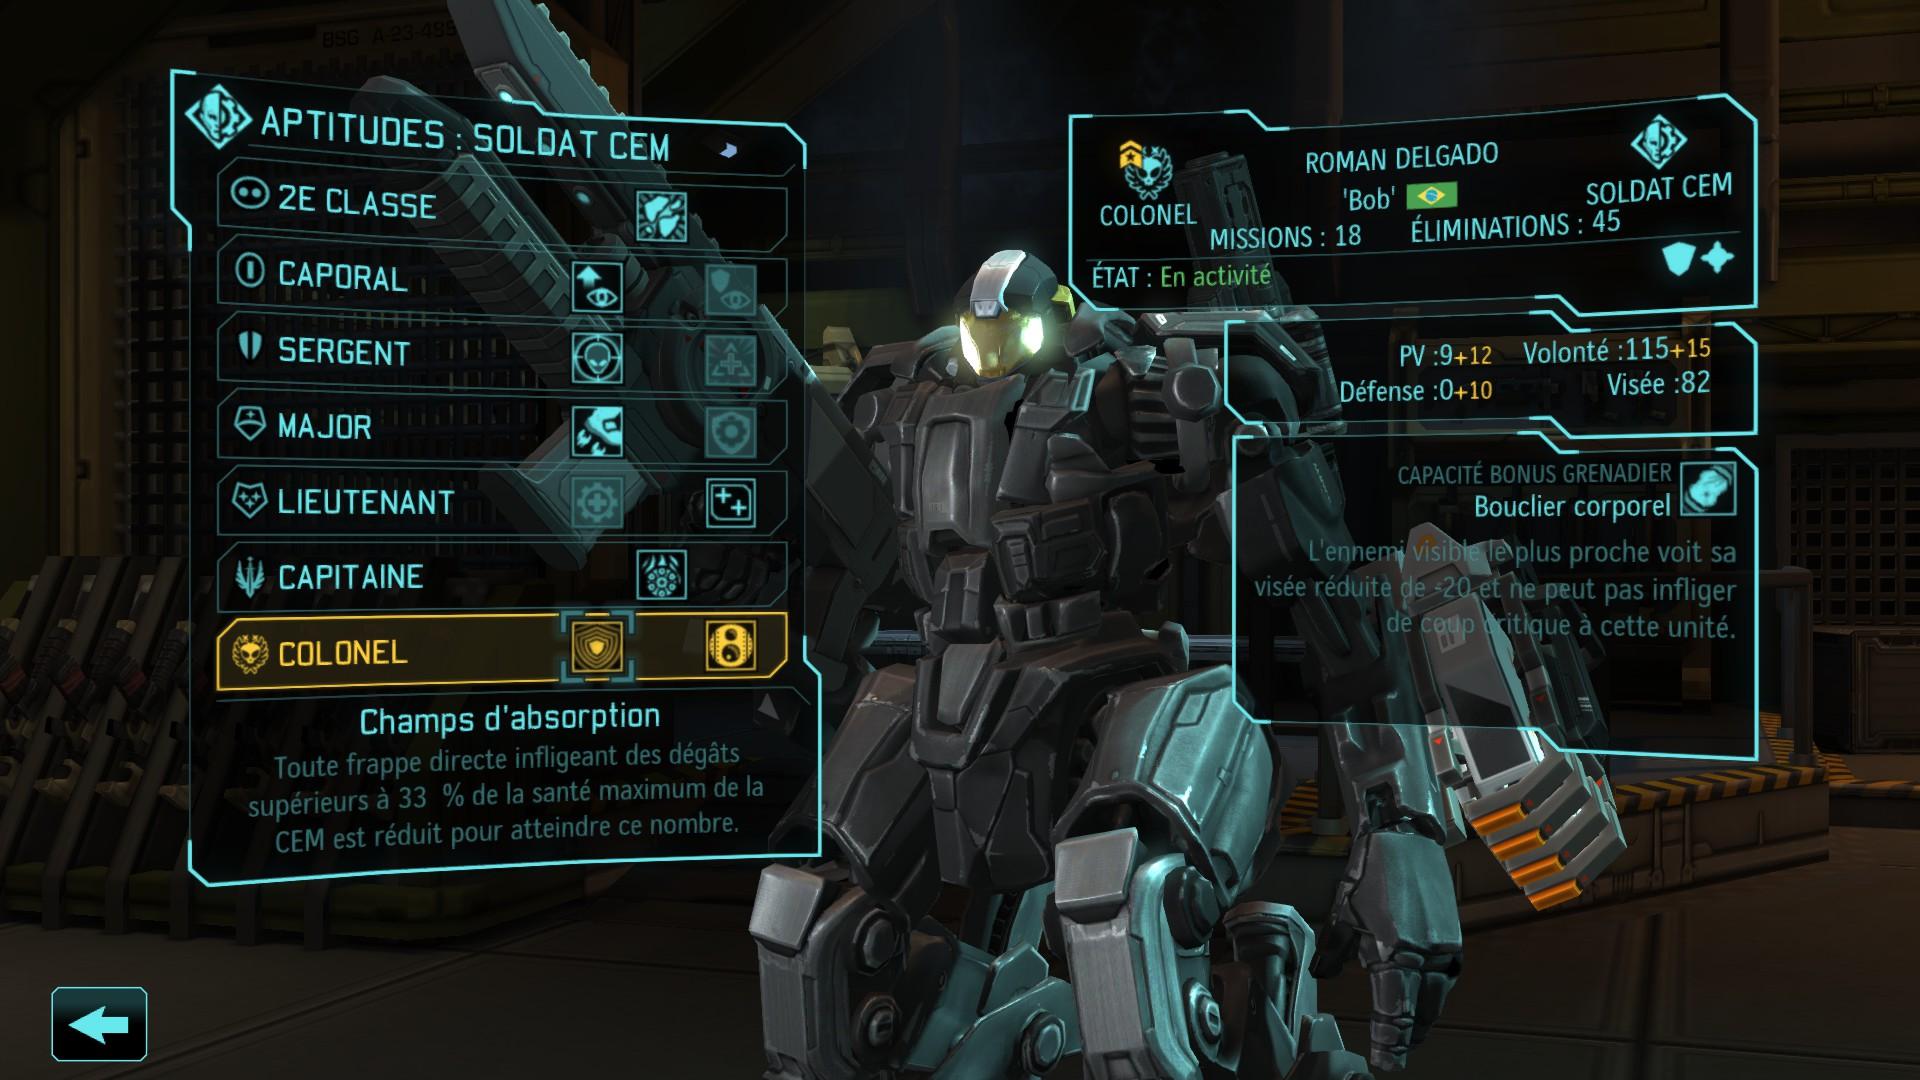 Steam Community Screenshot Ah Ouai Quand Mmele Sectoide Sera Son Pire Enemie Ducoup P